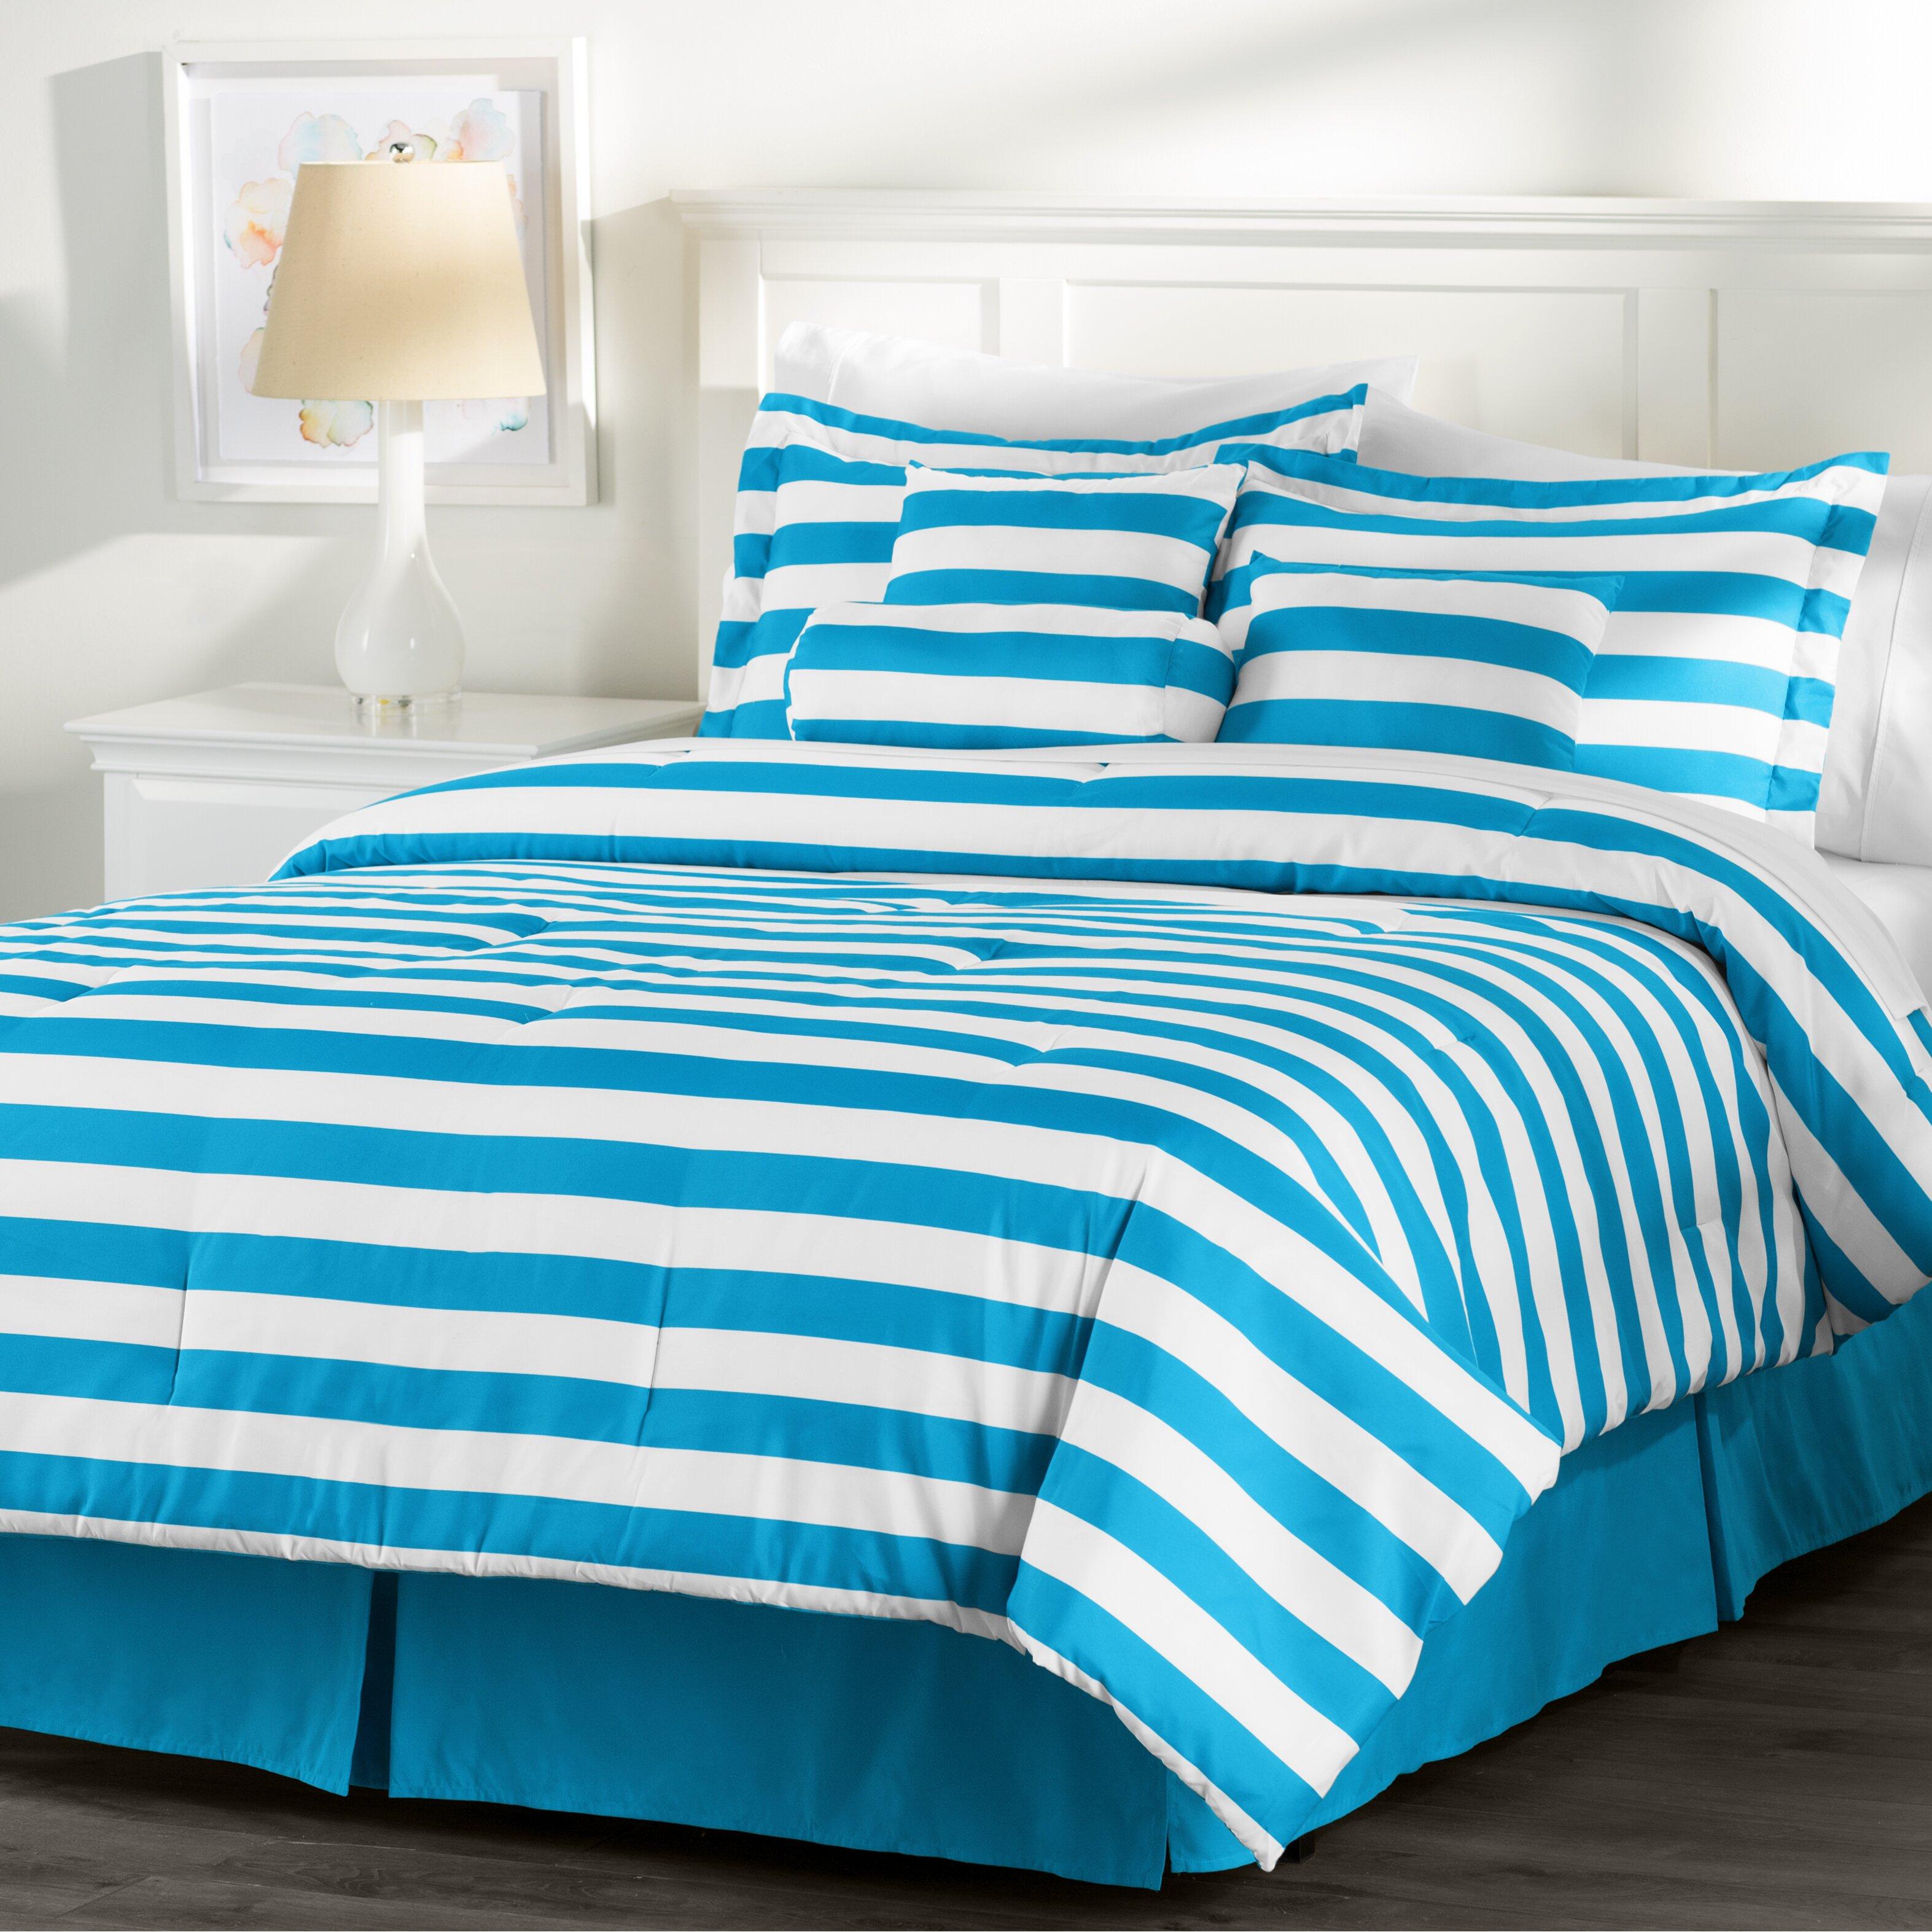 Wayfair basics wayfair basics 7 piece comforter set amp reviews - Wayfair Basics Wayfair Basics 7 Piece Comforter Set Amp Reviews